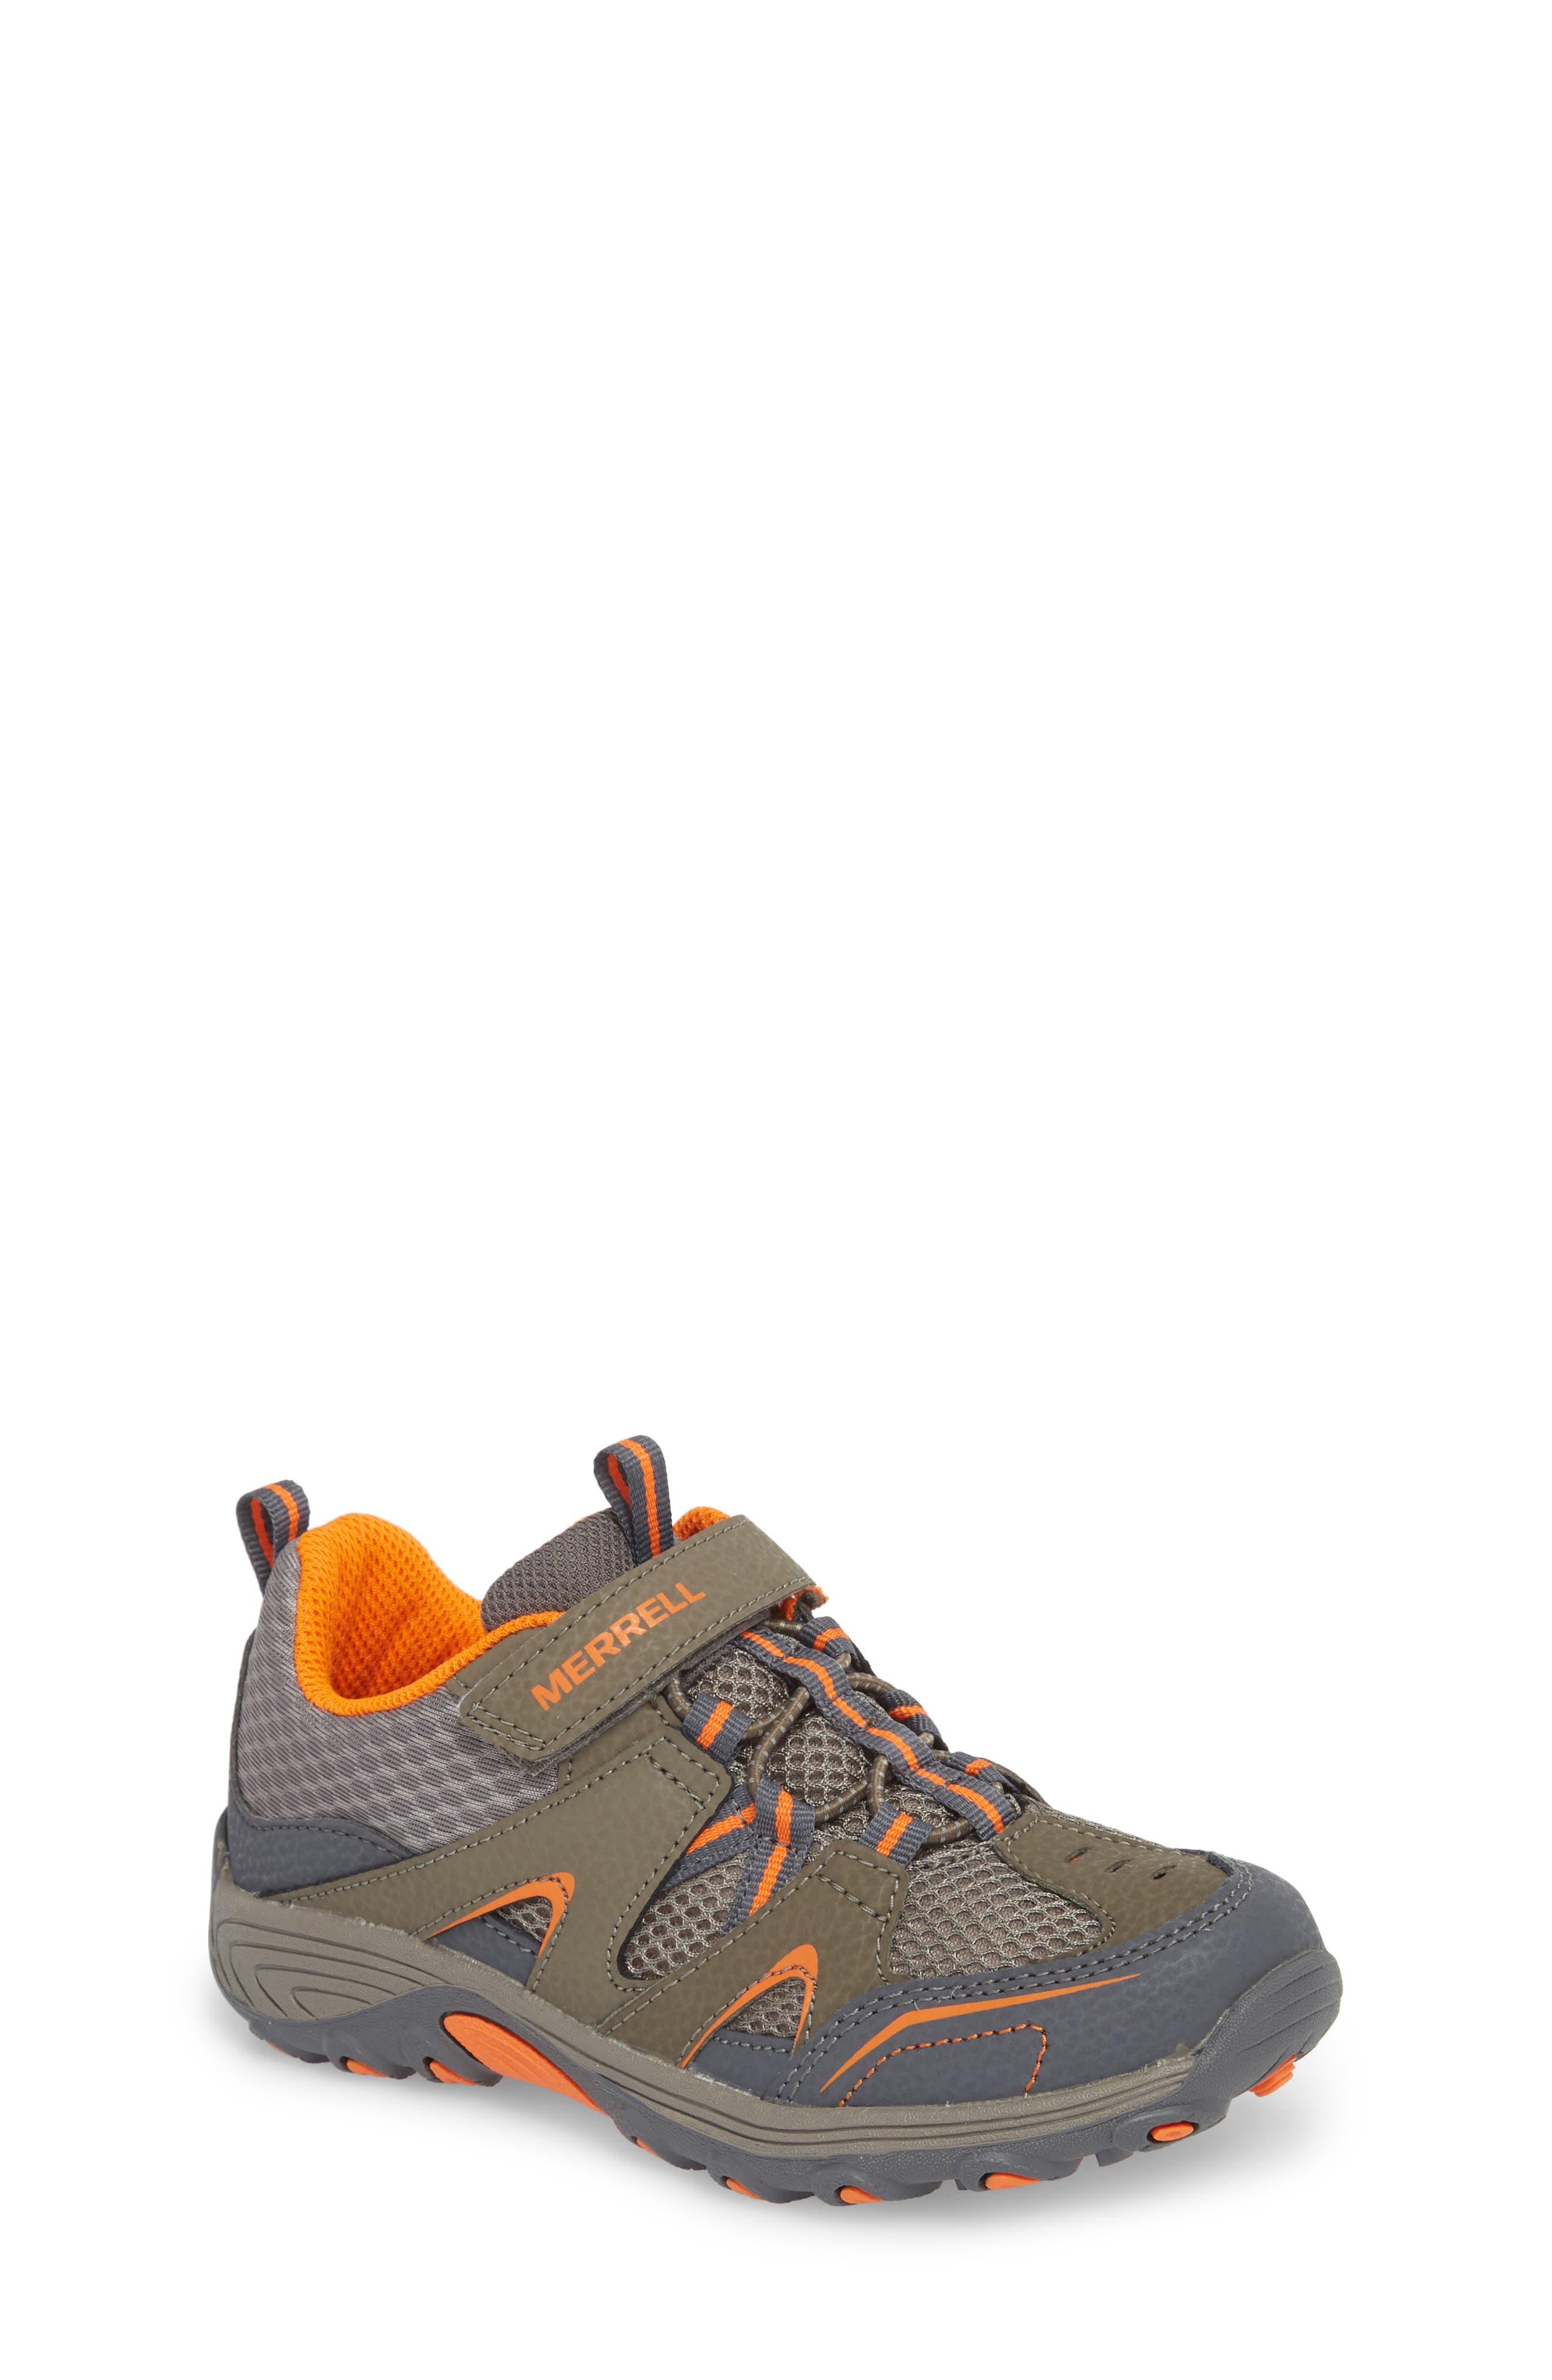 MERRELL, Trail Chaser Sneaker, Main thumbnail 1, color, GUNSMOKE/ ORANGE